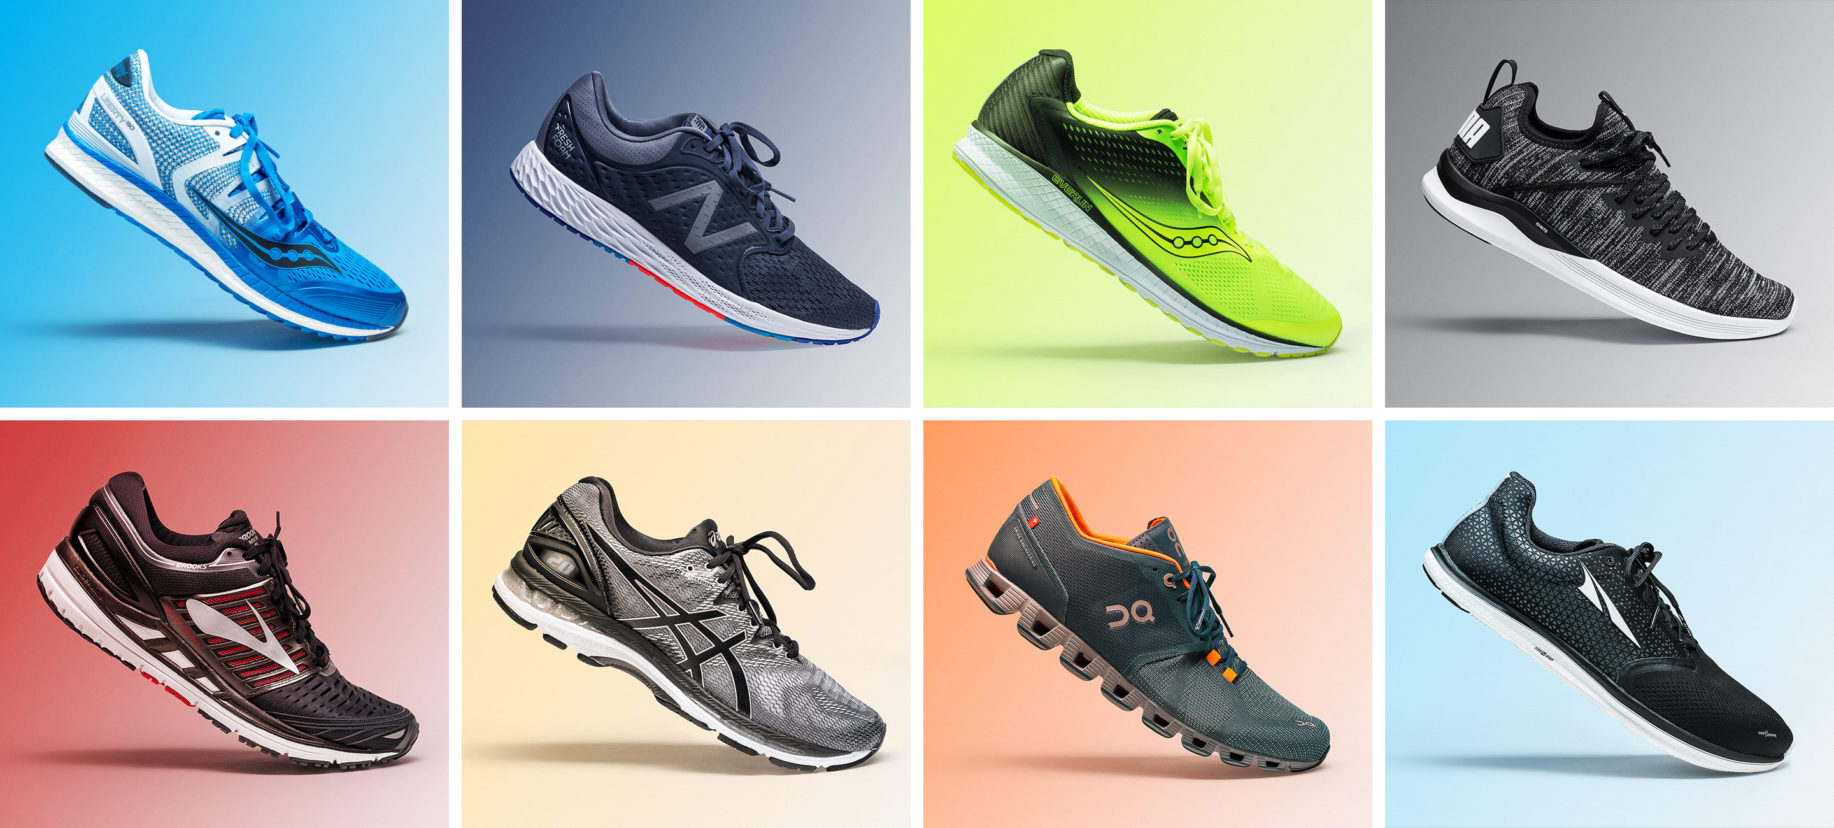 מחפשים נעלי ספורט זולות? 3 שיטות למציאת מותגים בזול באמזון